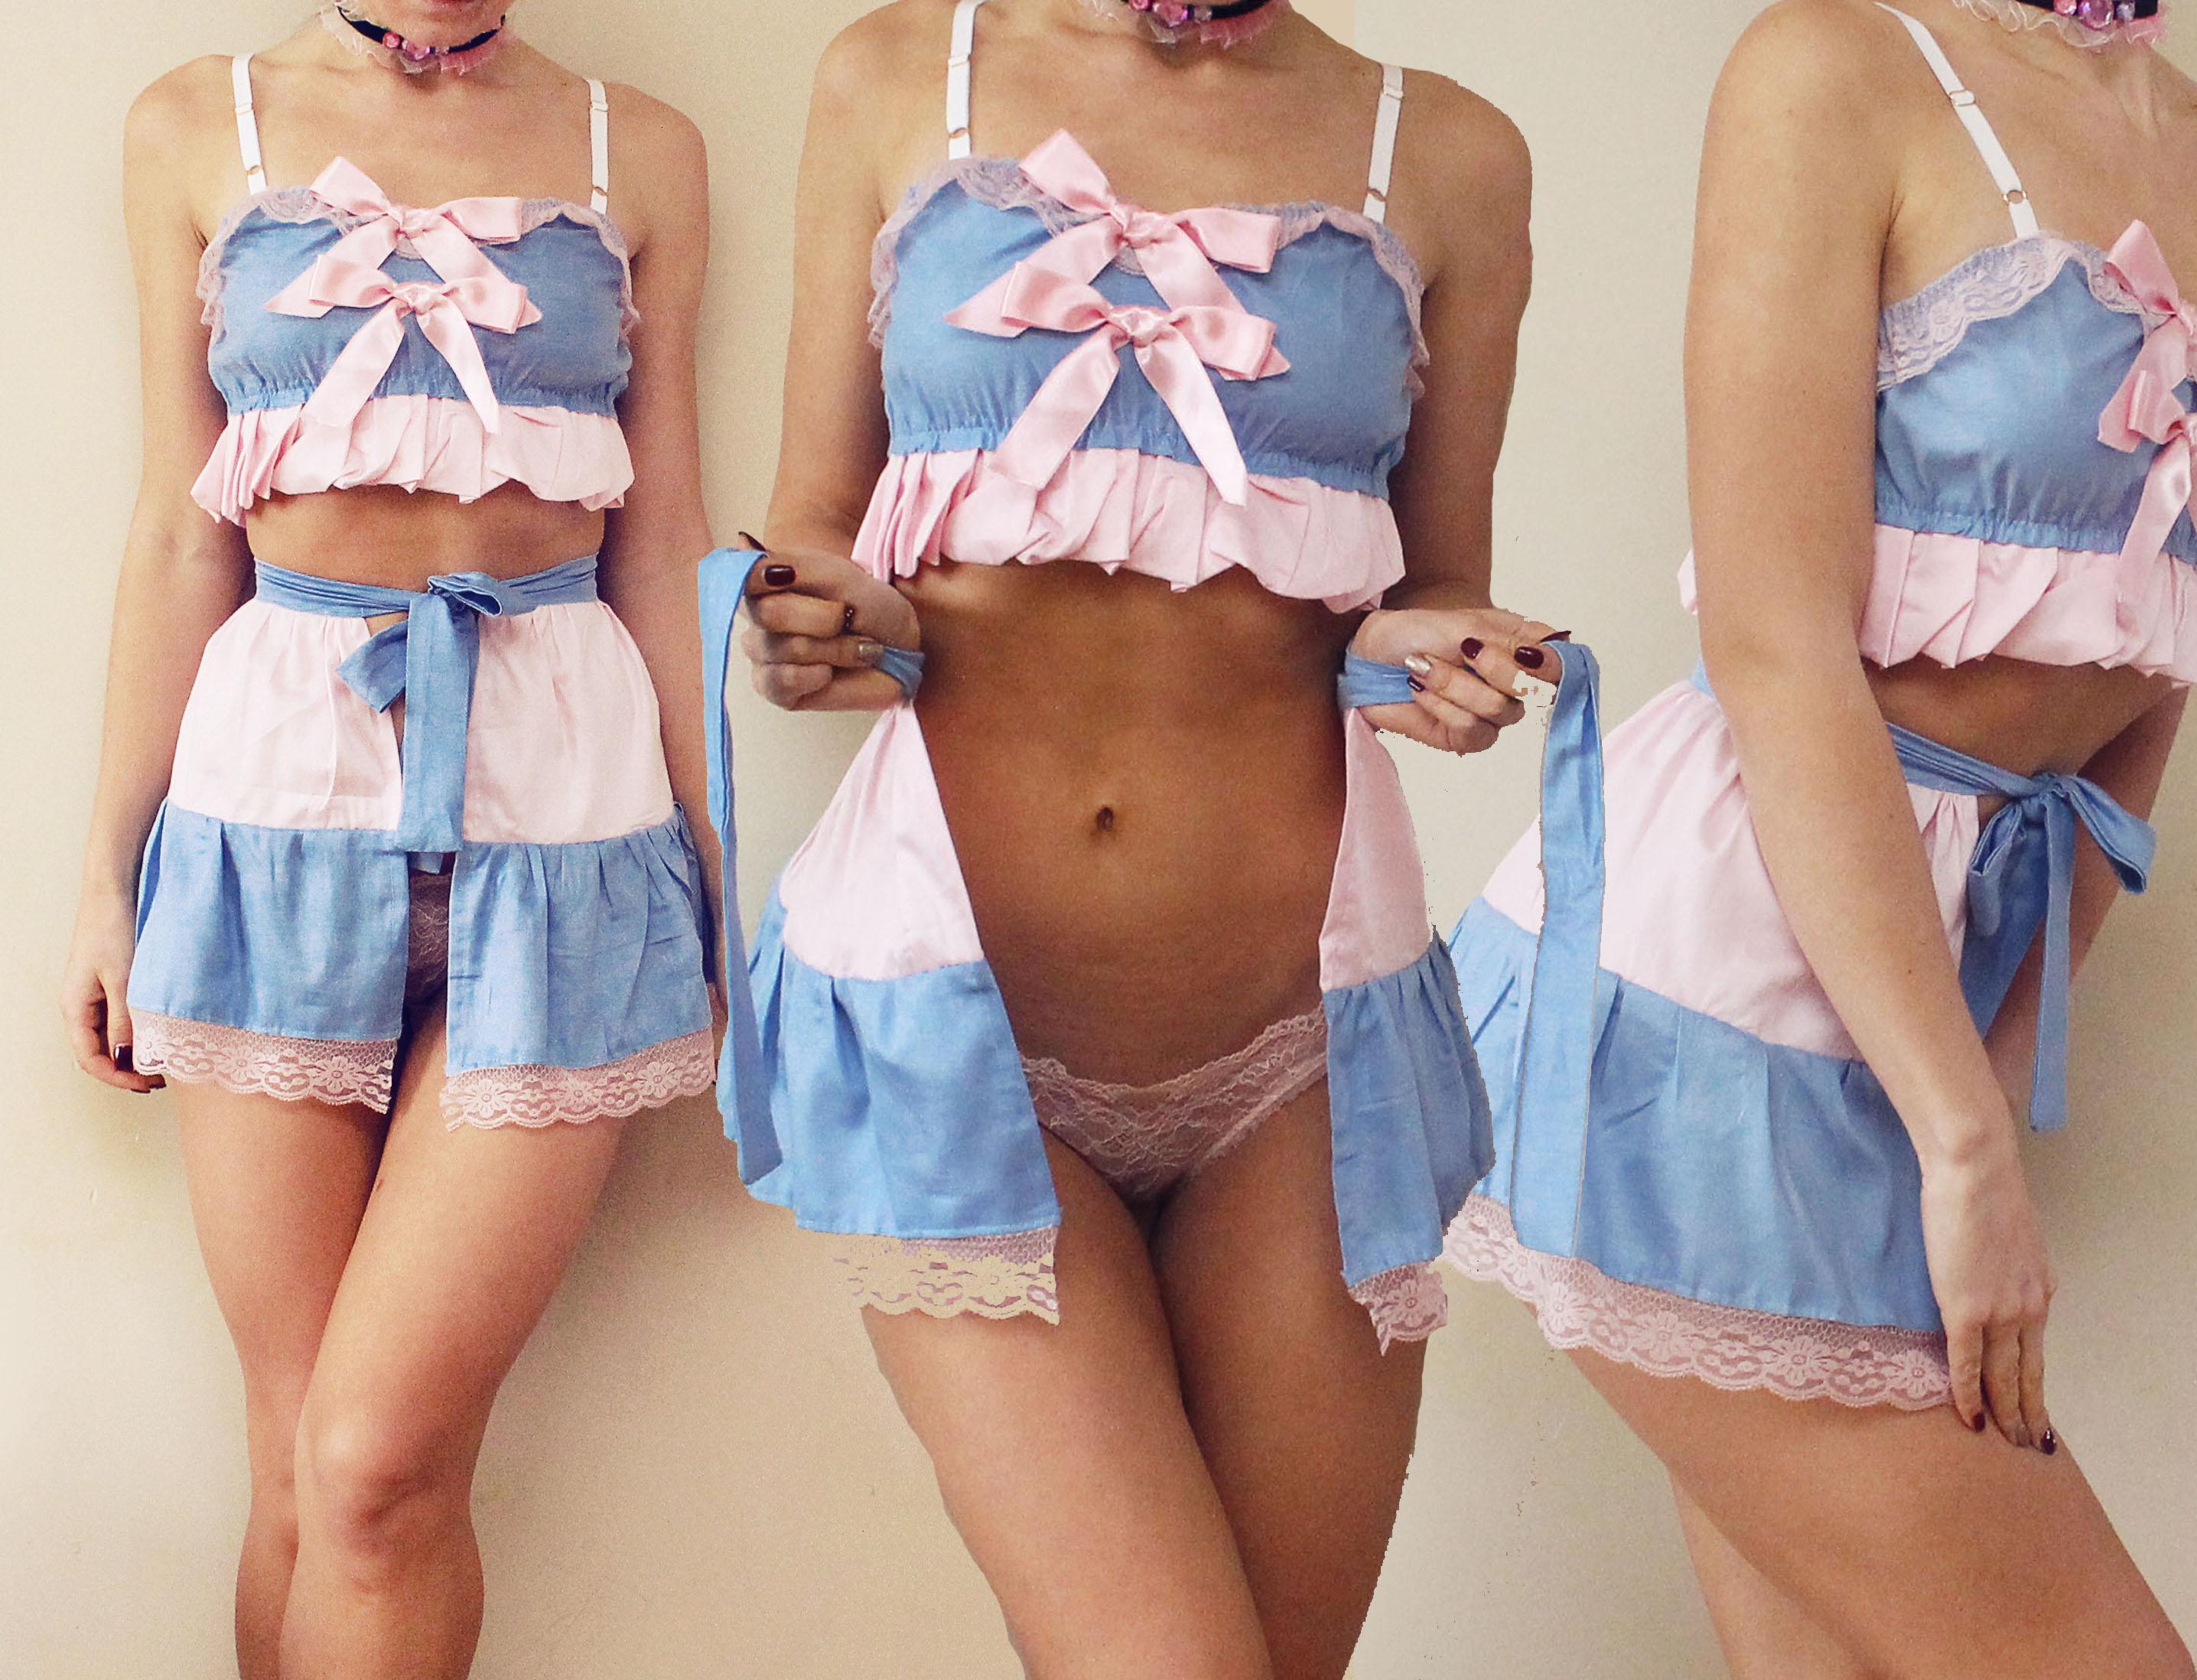 2f62e53b90 Milkshake   Baby blue and pink cotton satin lingerie set   erotic lingerie  ddlg lingerie lolitta kawaii   Made to order on Storenvy